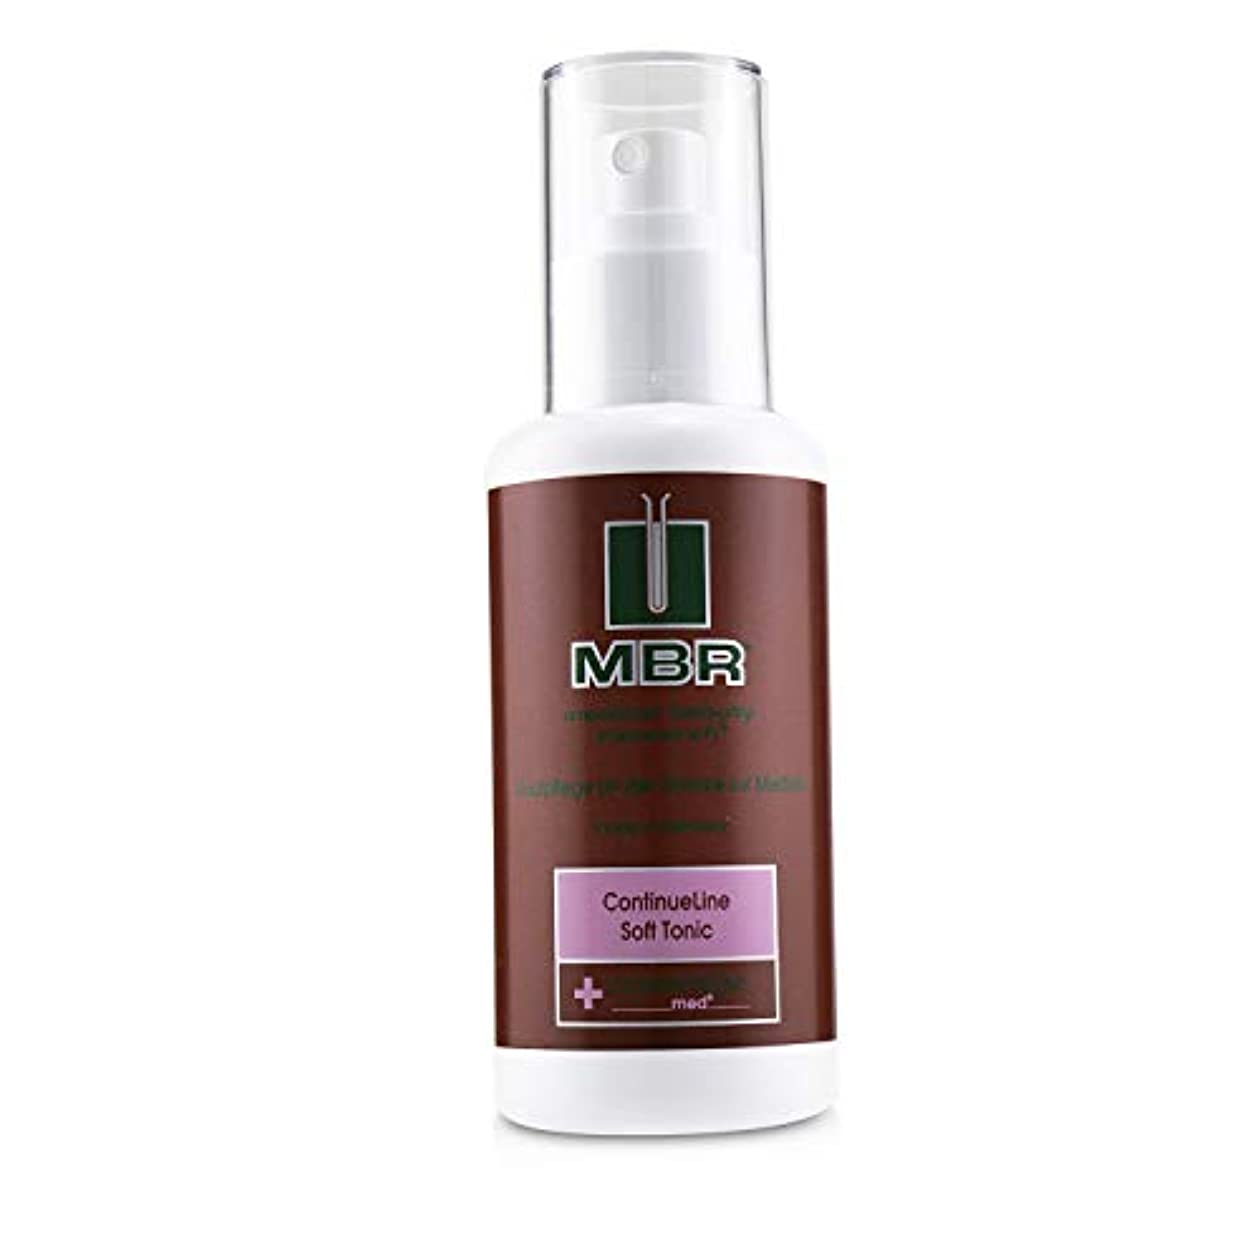 残酷な免除する謝るMBR Medical Beauty Research ContinueLine Med ContinueLine Soft Tonic 150ml/5.1oz並行輸入品